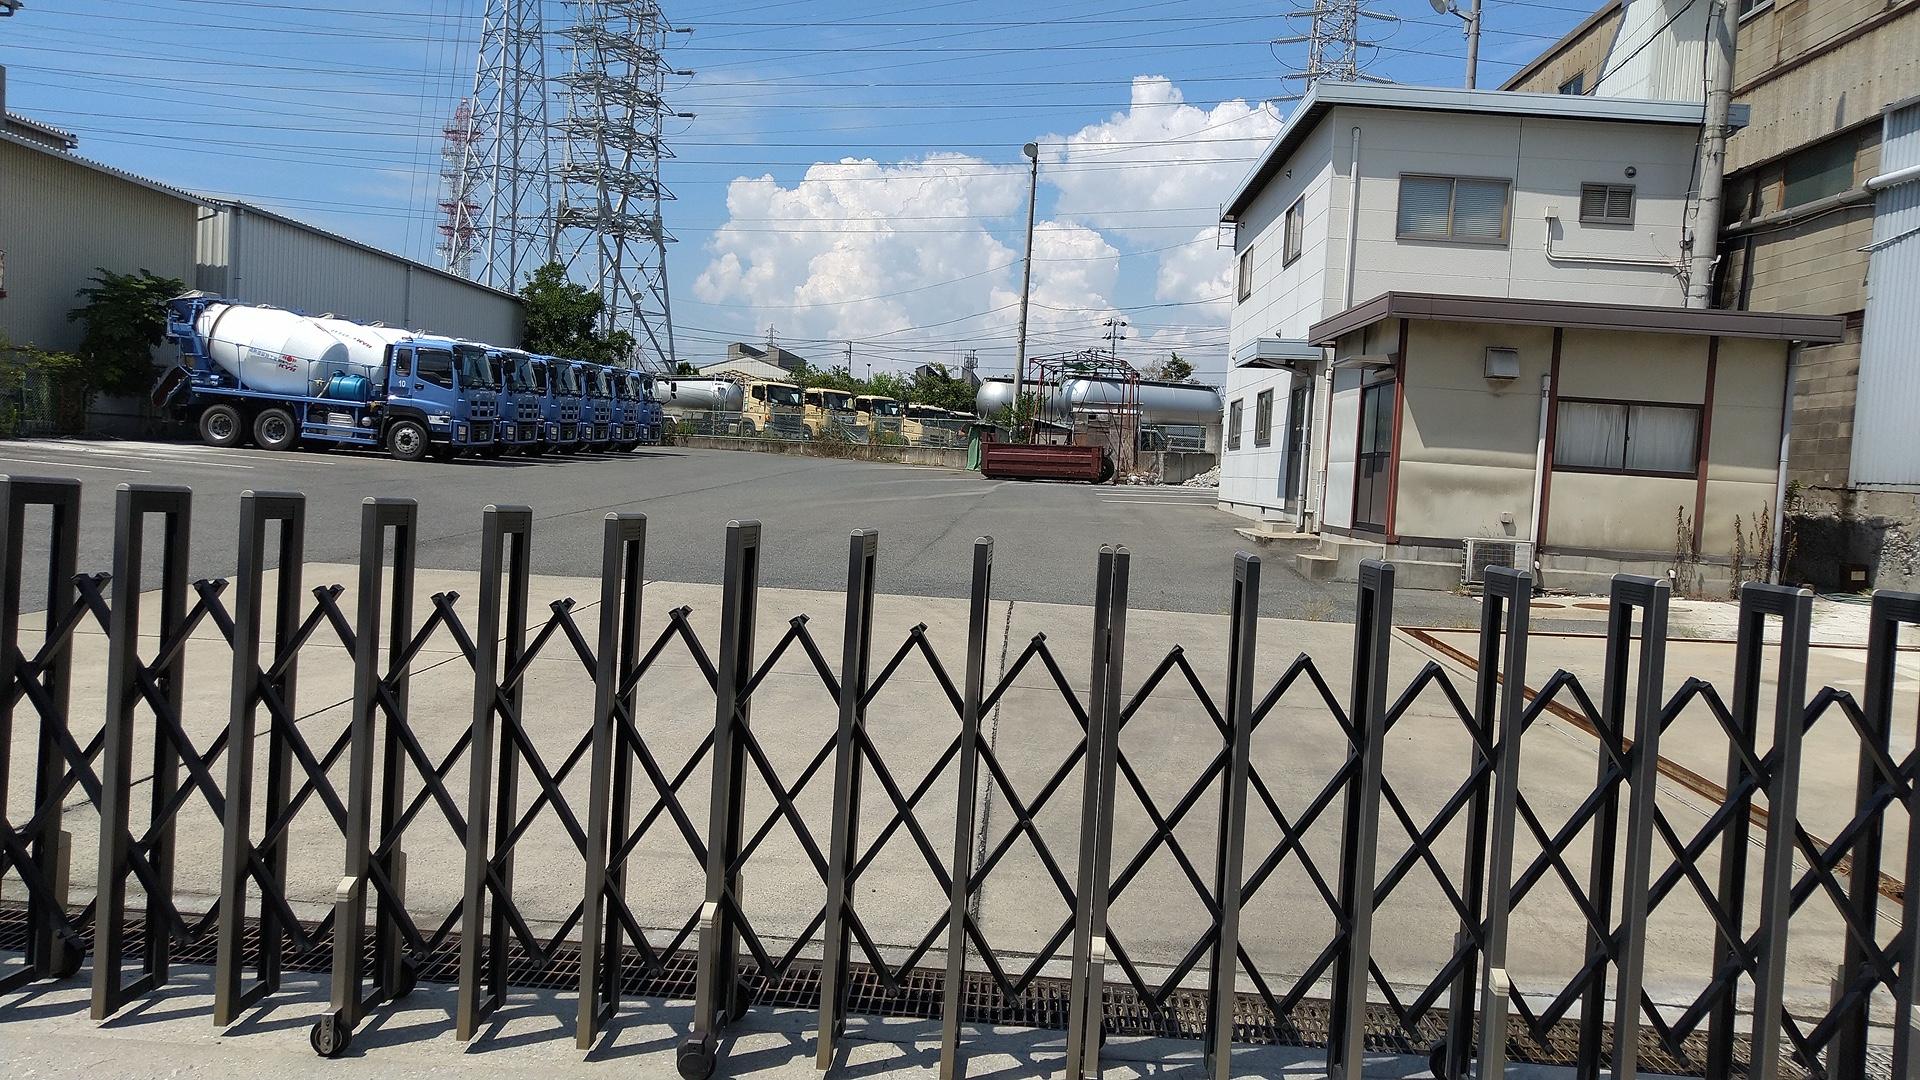 兵庫県尼崎市にある、連帯系輸送業者<近酸運輸株式会社>の入口付近(画像上・下)。